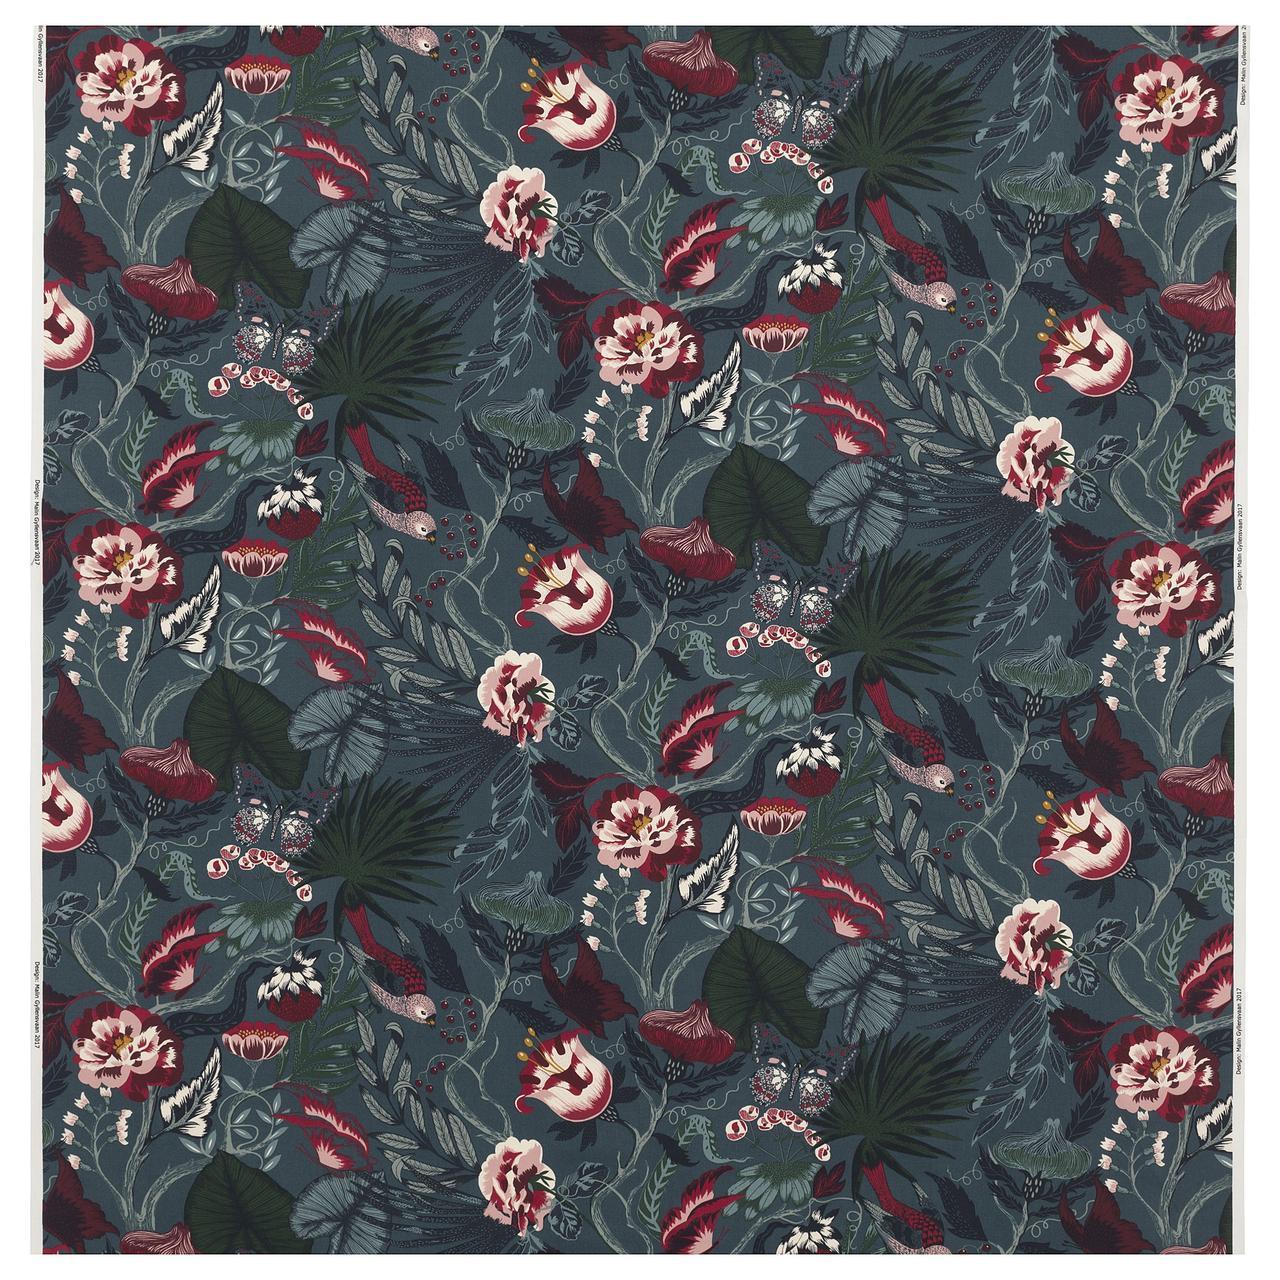 Ткань IKEA FILODENDRON 1.50 м² цветочный узор 504.108.01